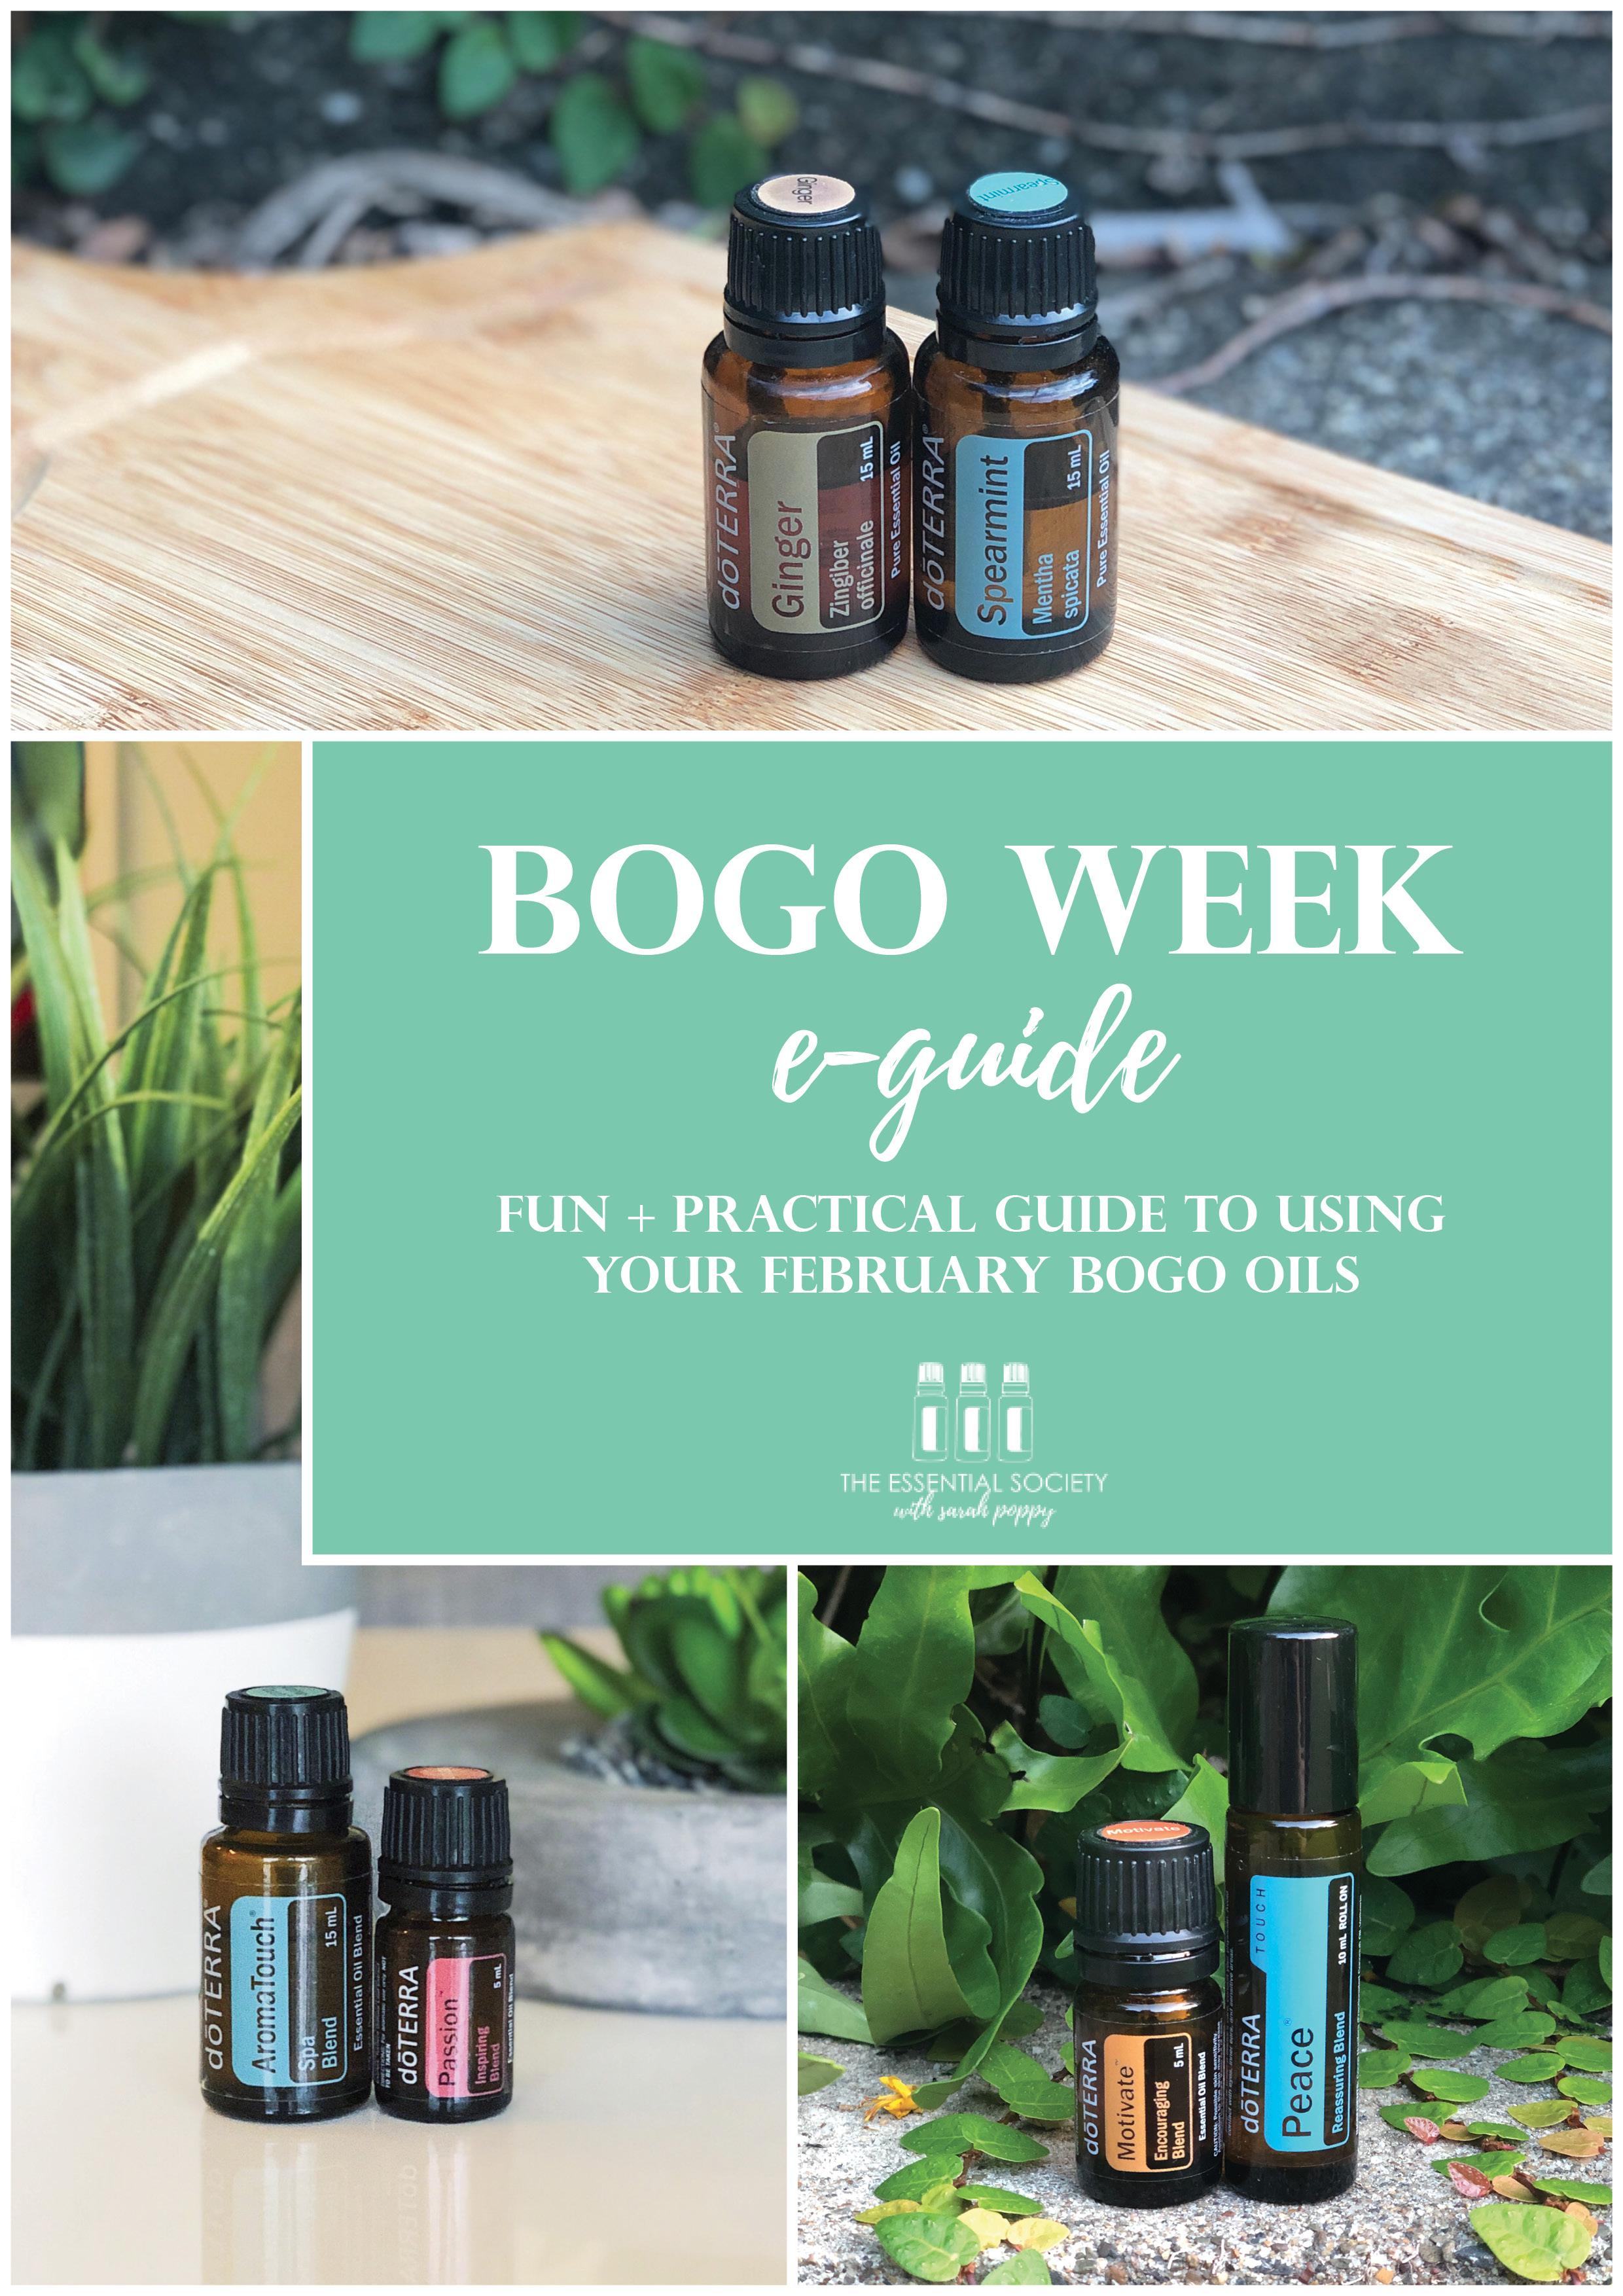 February 2019 BOGO week oils e-guide.jpg